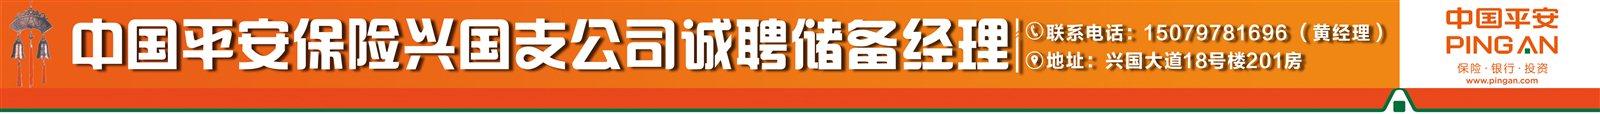 中��平安人�郾kU股份有限公司�M州中心支公司�d���I�N